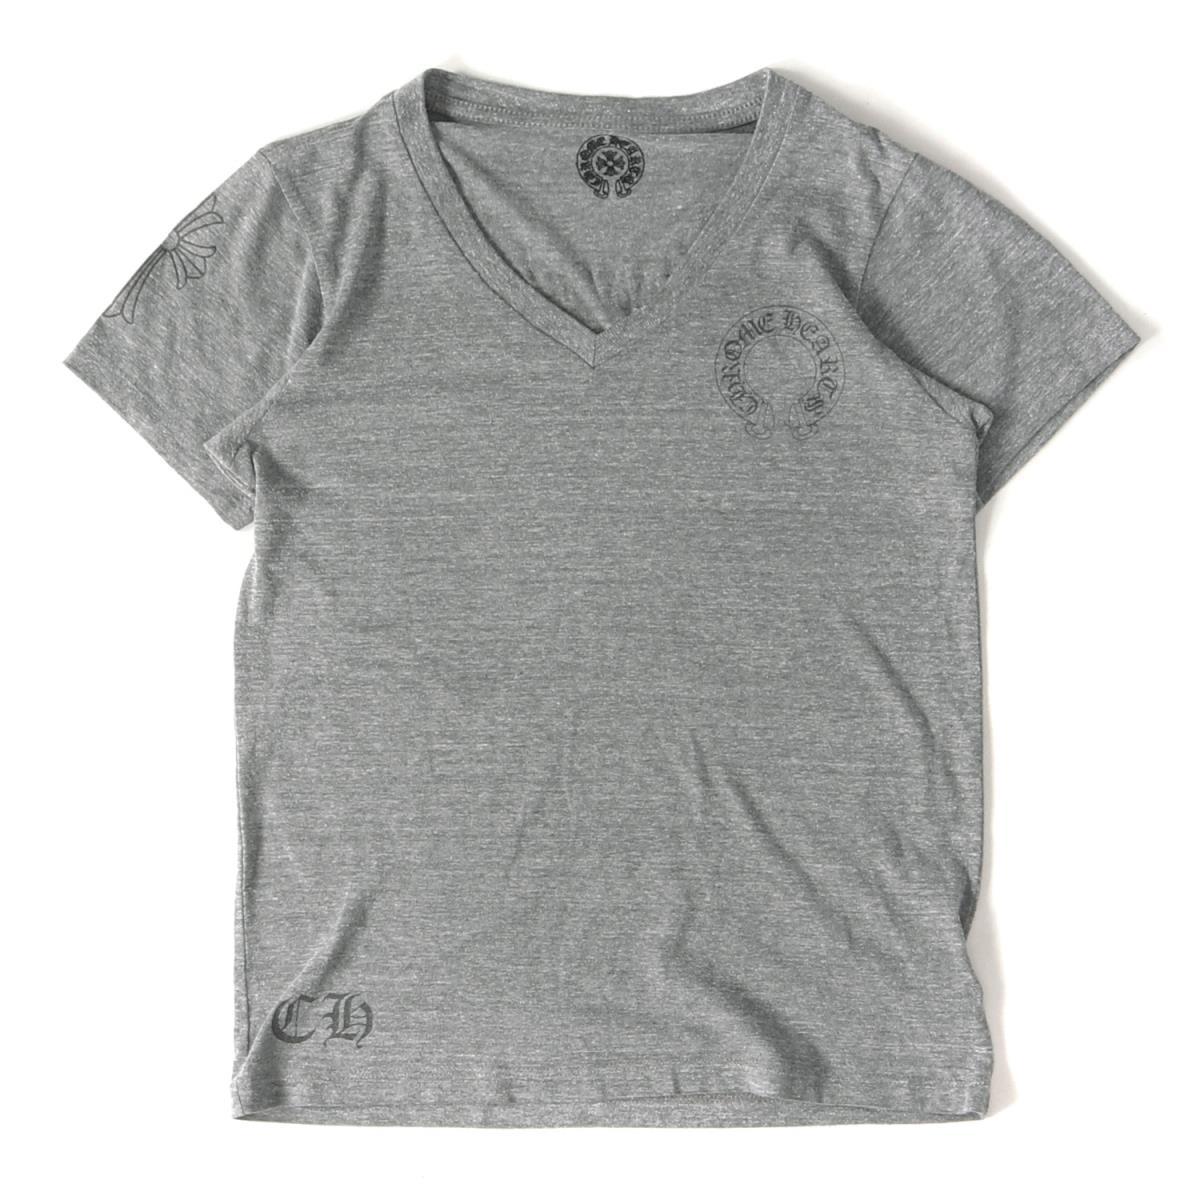 CHROME HEARTS (クロムハーツ) スクロールラベル&CHクロスVネックTシャツ グレー S 【メンズ】【K2191】【中古】【あす楽☆対応可】